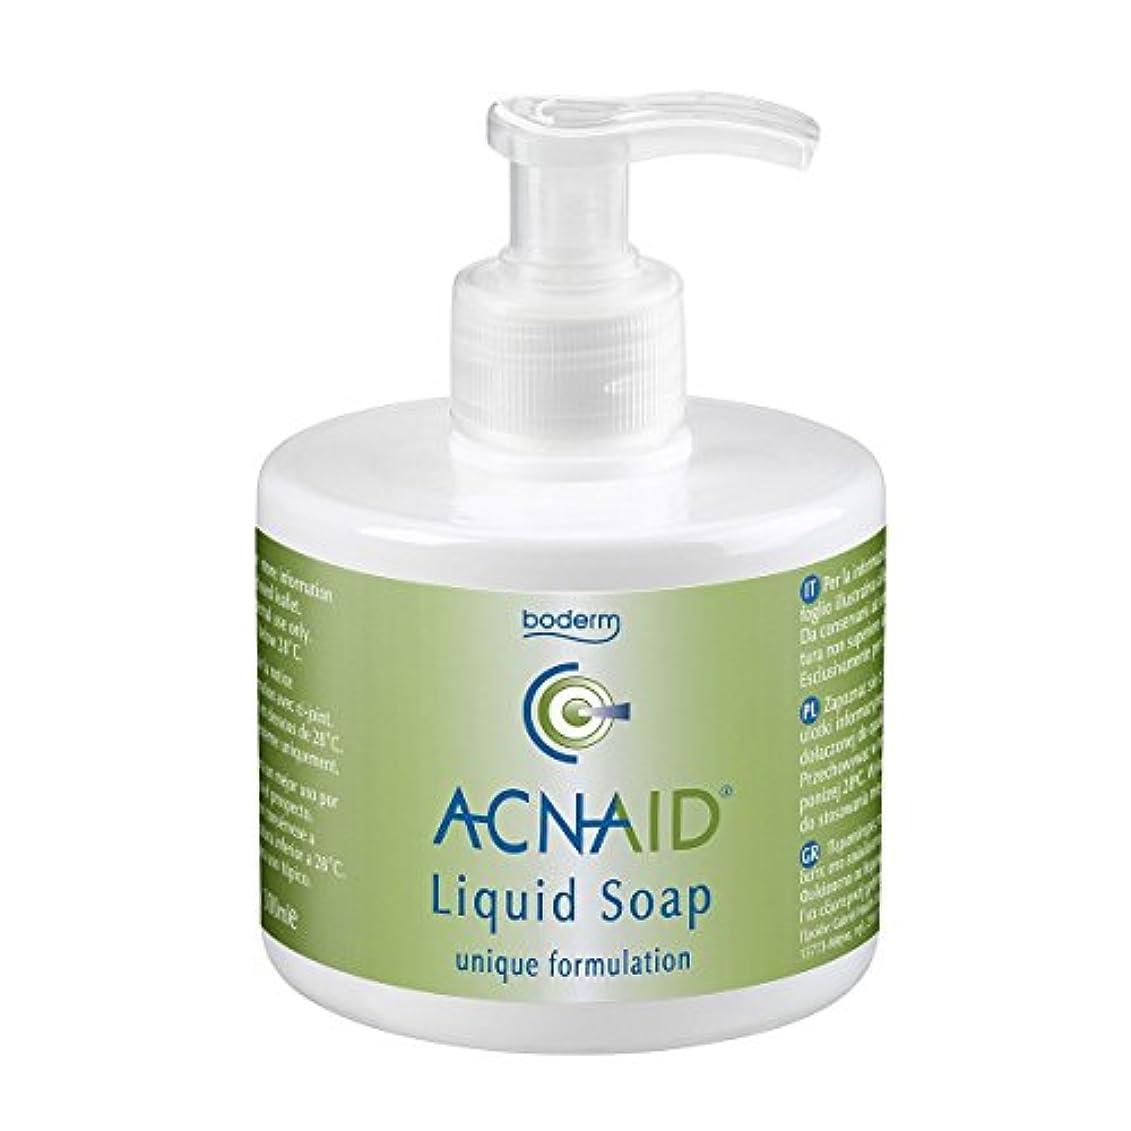 ペナルティ医療の従者Acnaid Liquid Soap 300ml [並行輸入品]